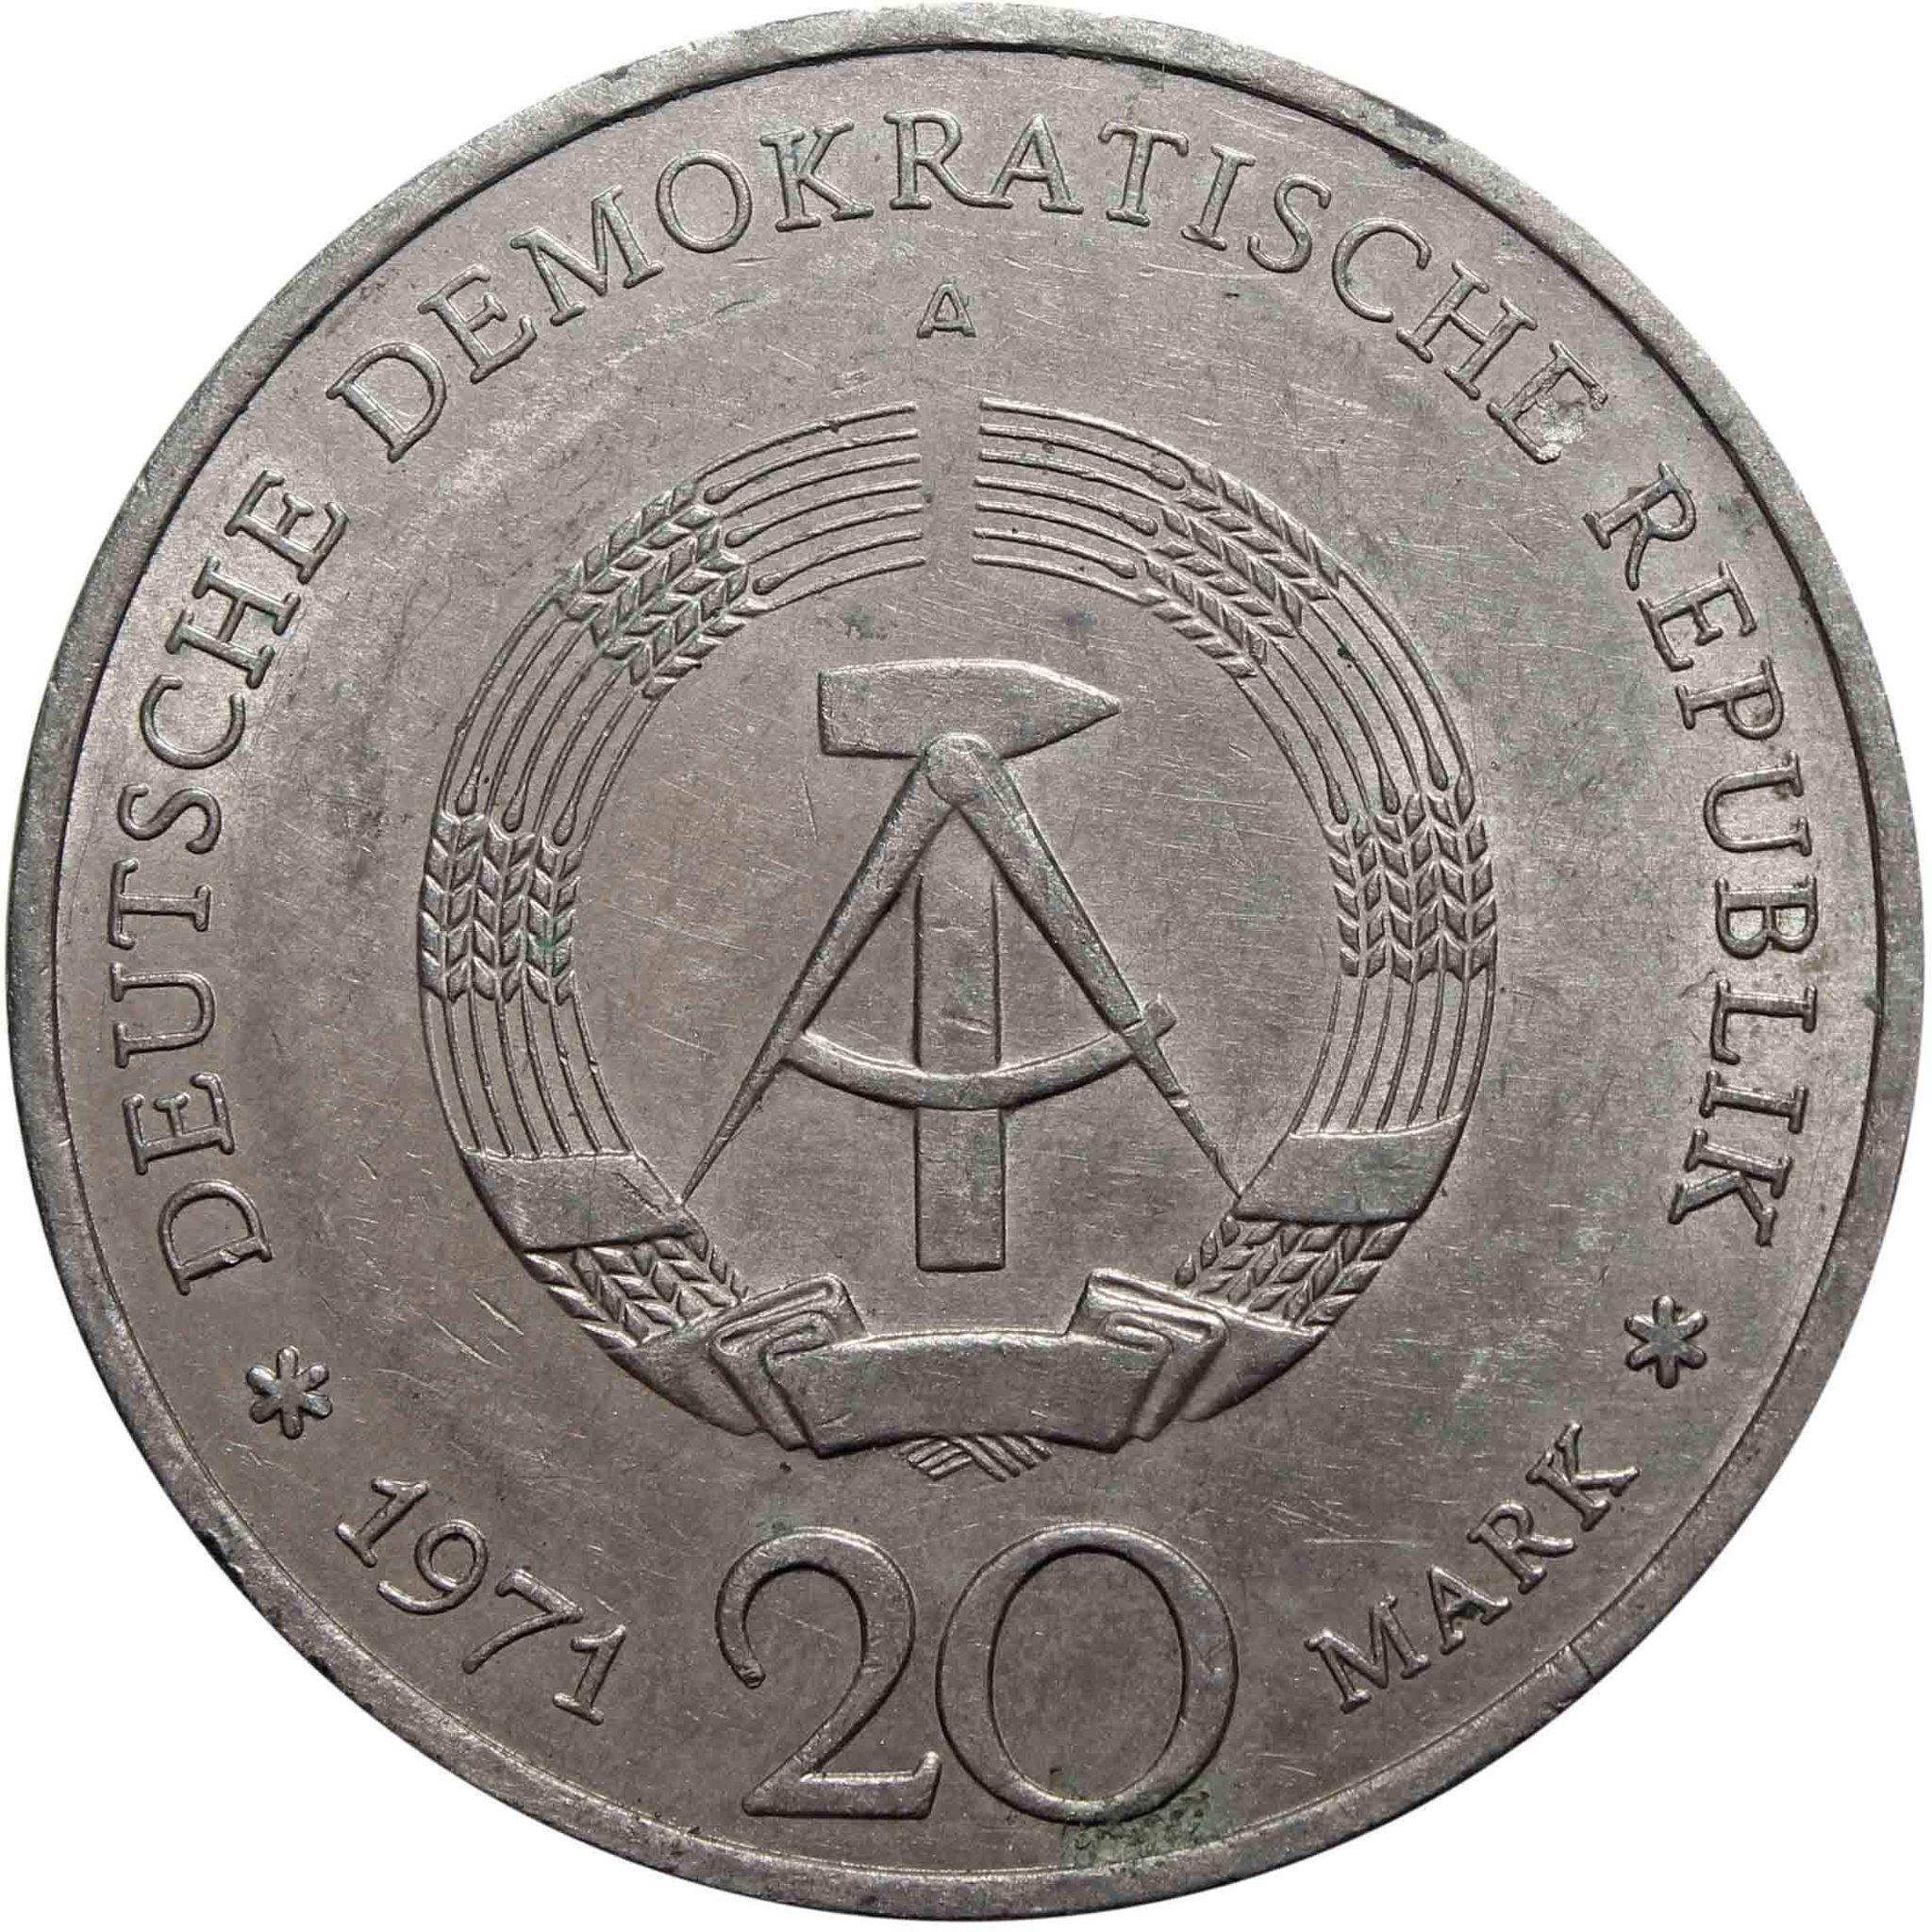 20 марок. (A) 85 лет со дня рождения Эрнста Тельмана. Германия-ГДР. Медноникель. 1971 год. XF